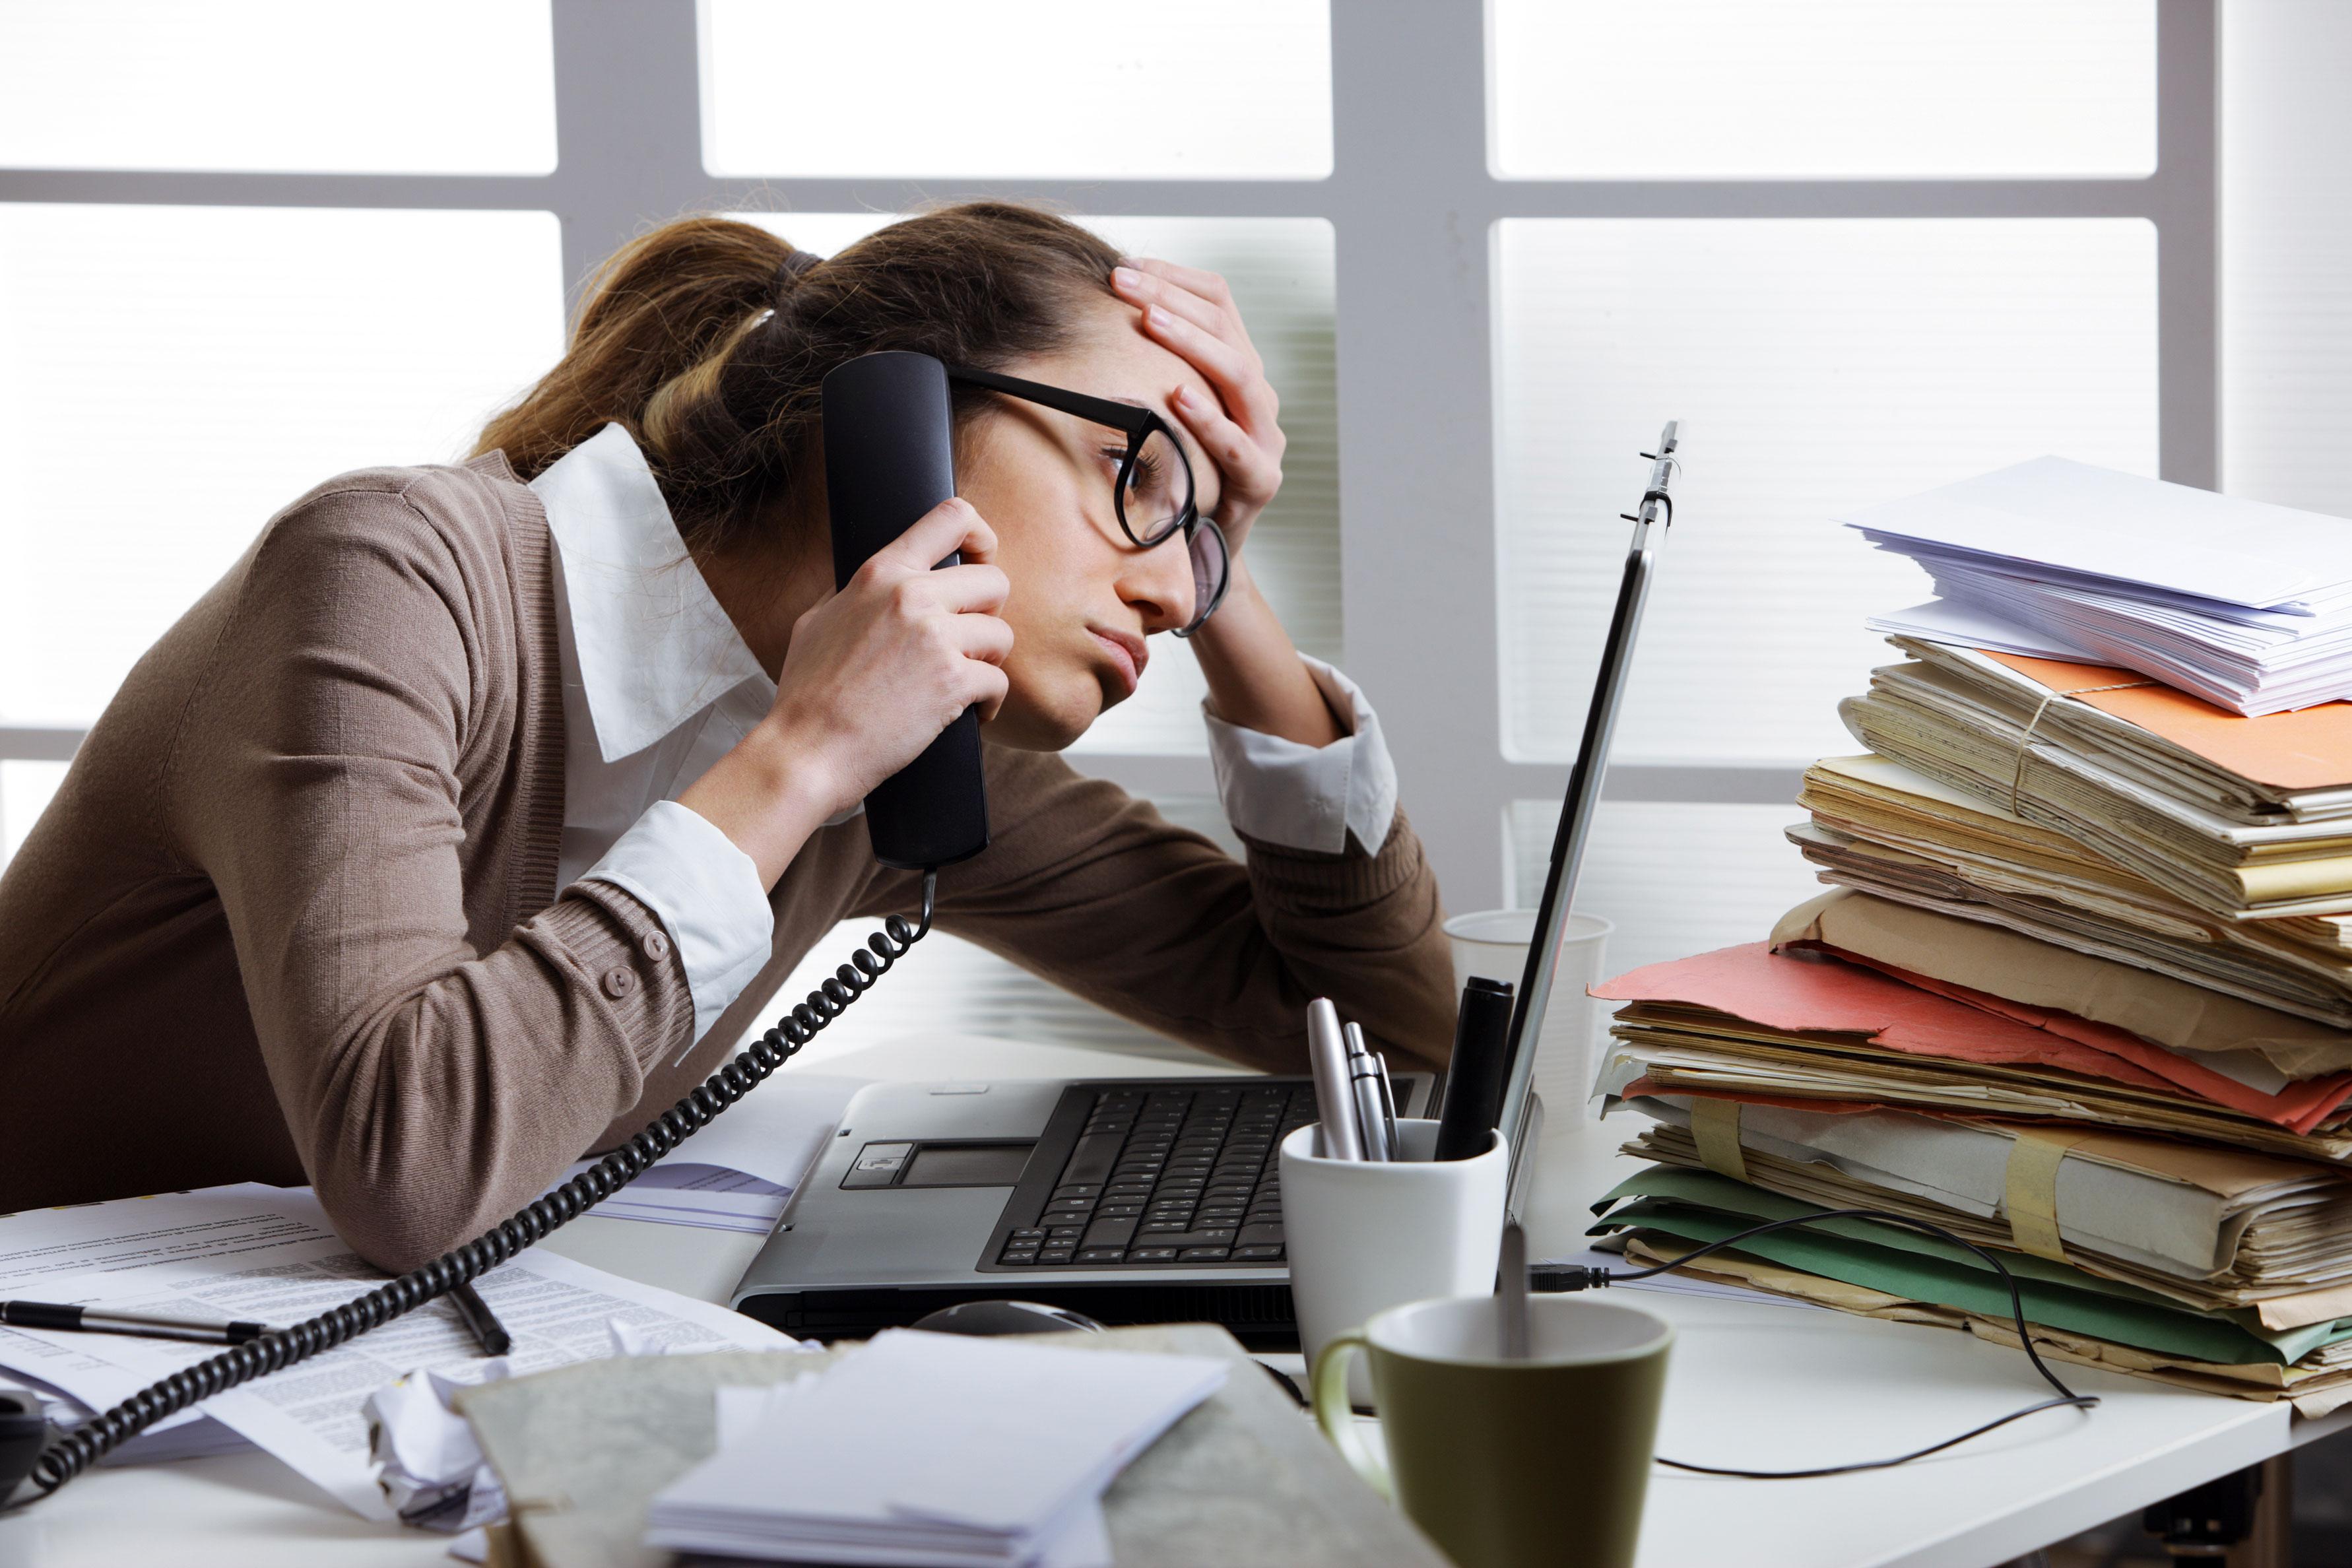 Снижение работоспособности, усталость